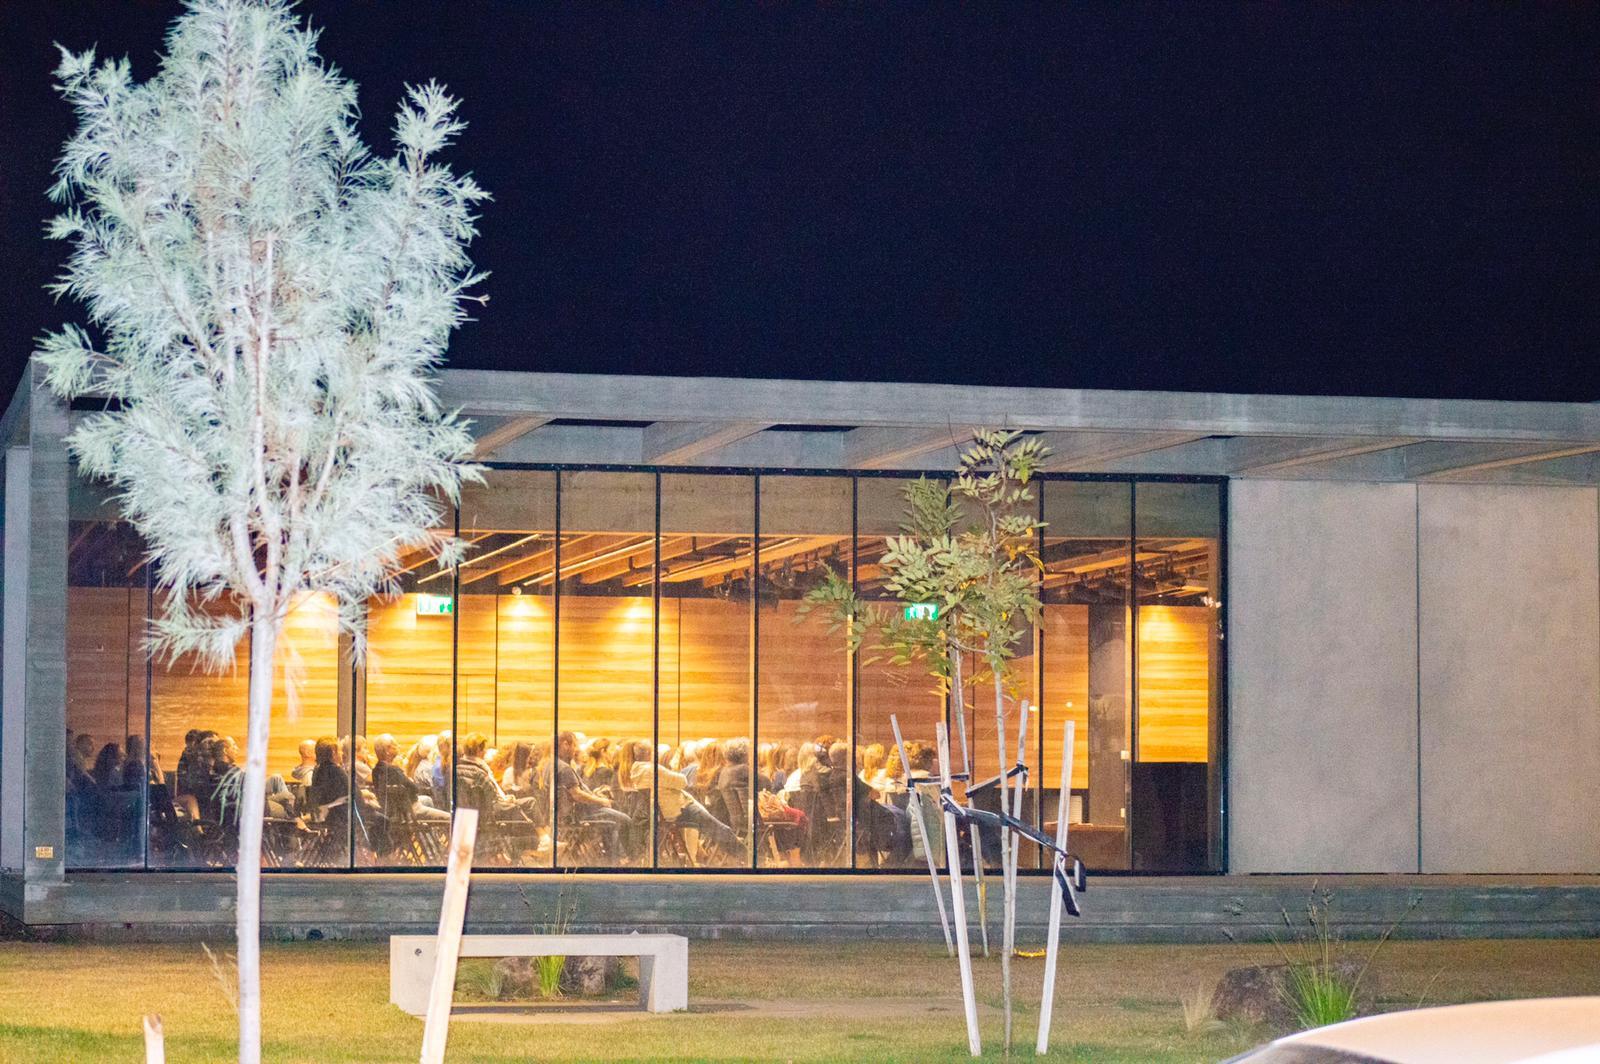 שפע פעילויות תרבות, אמנות ותוכן במרכז תאו החדש